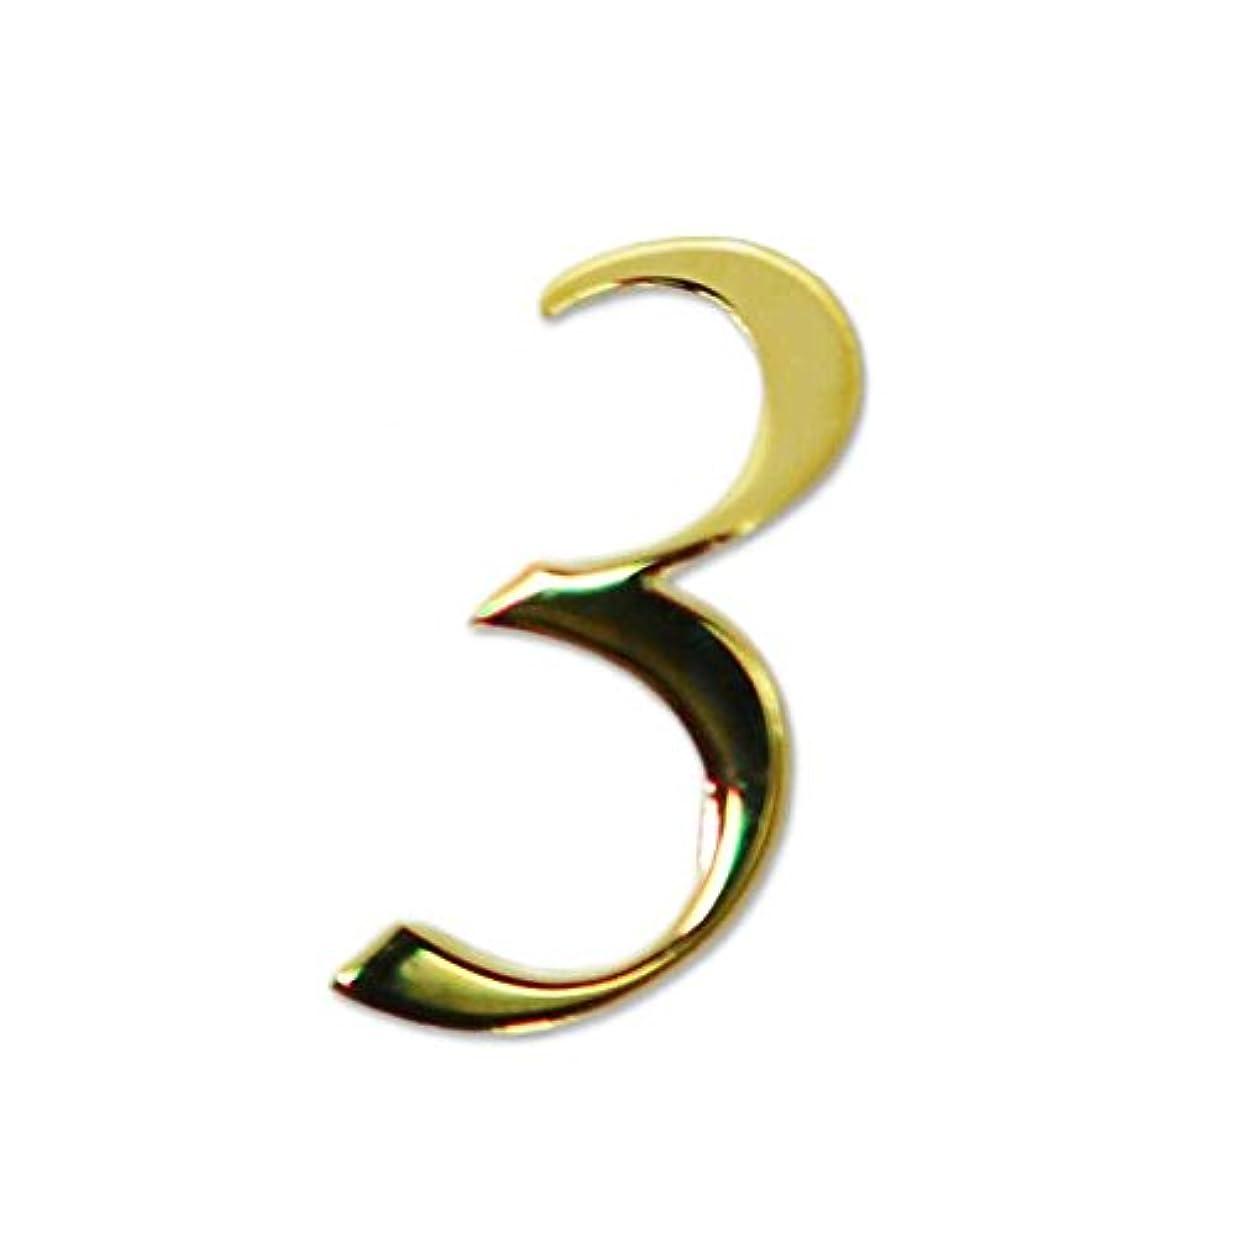 コンテンポラリーケーキスラム3/ゴールド?数字の薄型メタルパーツ 3 (Three) 3mmx5mm ゴールド 10枚